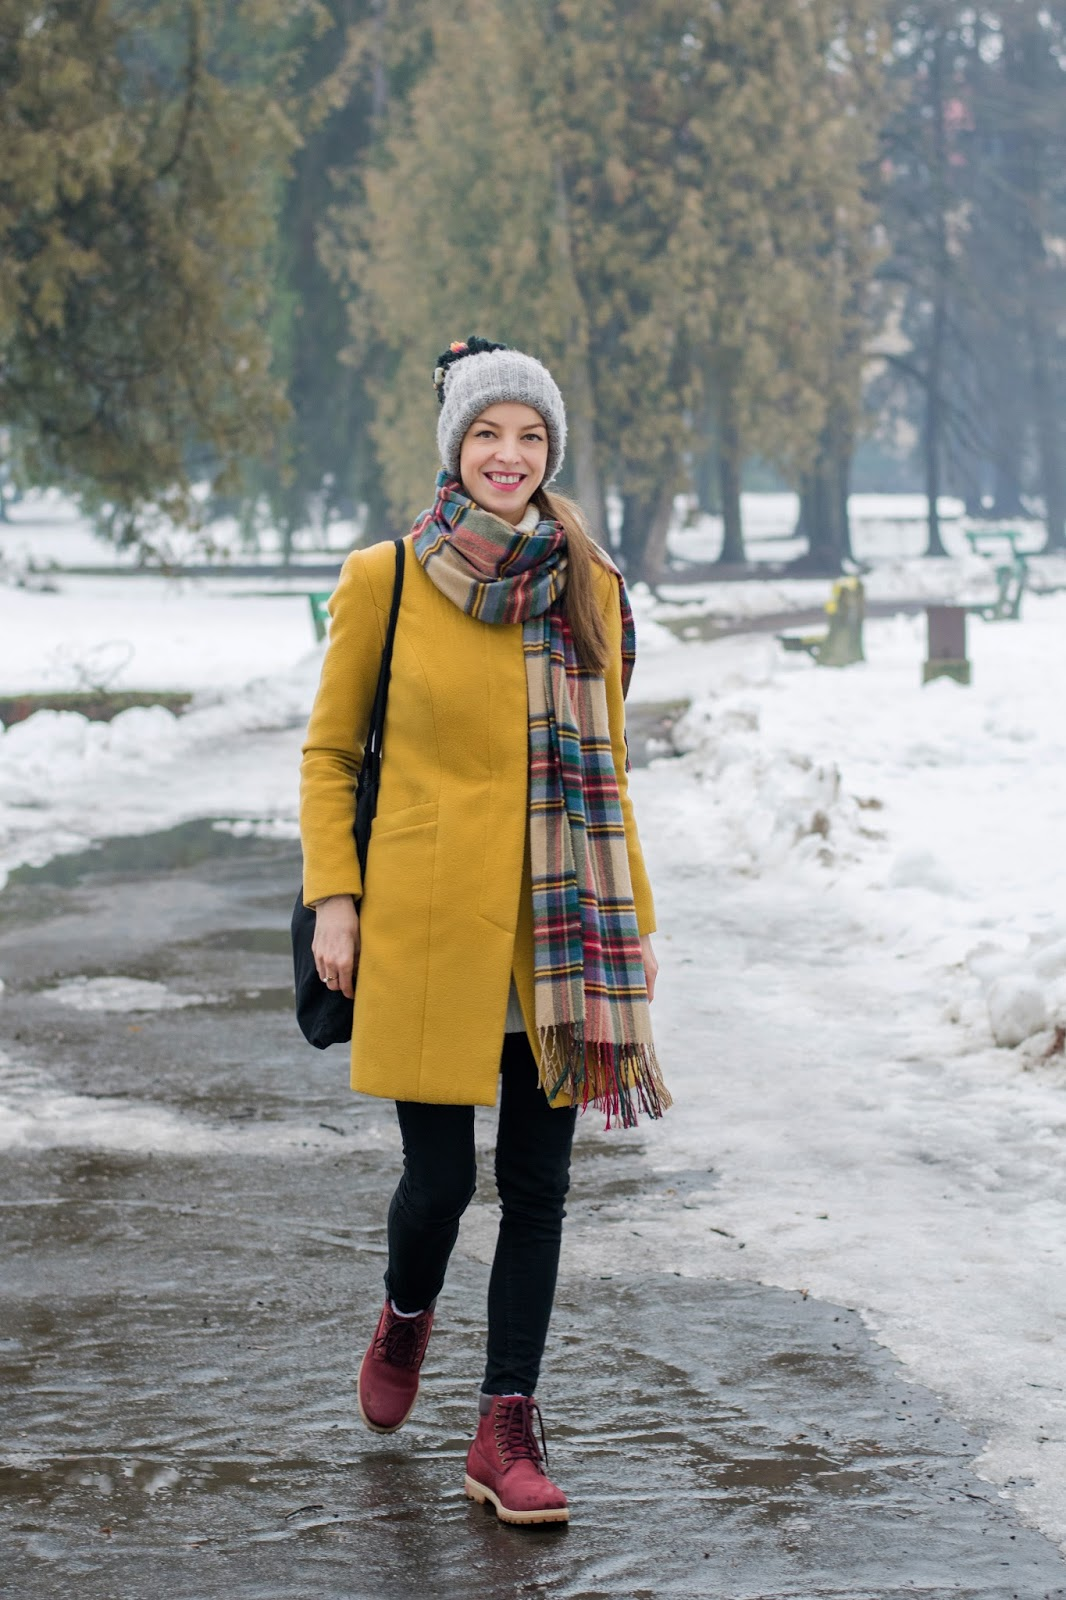 0203d361f7 kabát  Ivana Klepáčová (tvorba  kontakt)  šál  vintage  čiapka  zara   nohavice  h m  topánky  house  hodinky  oriflame  prsteň  vintage